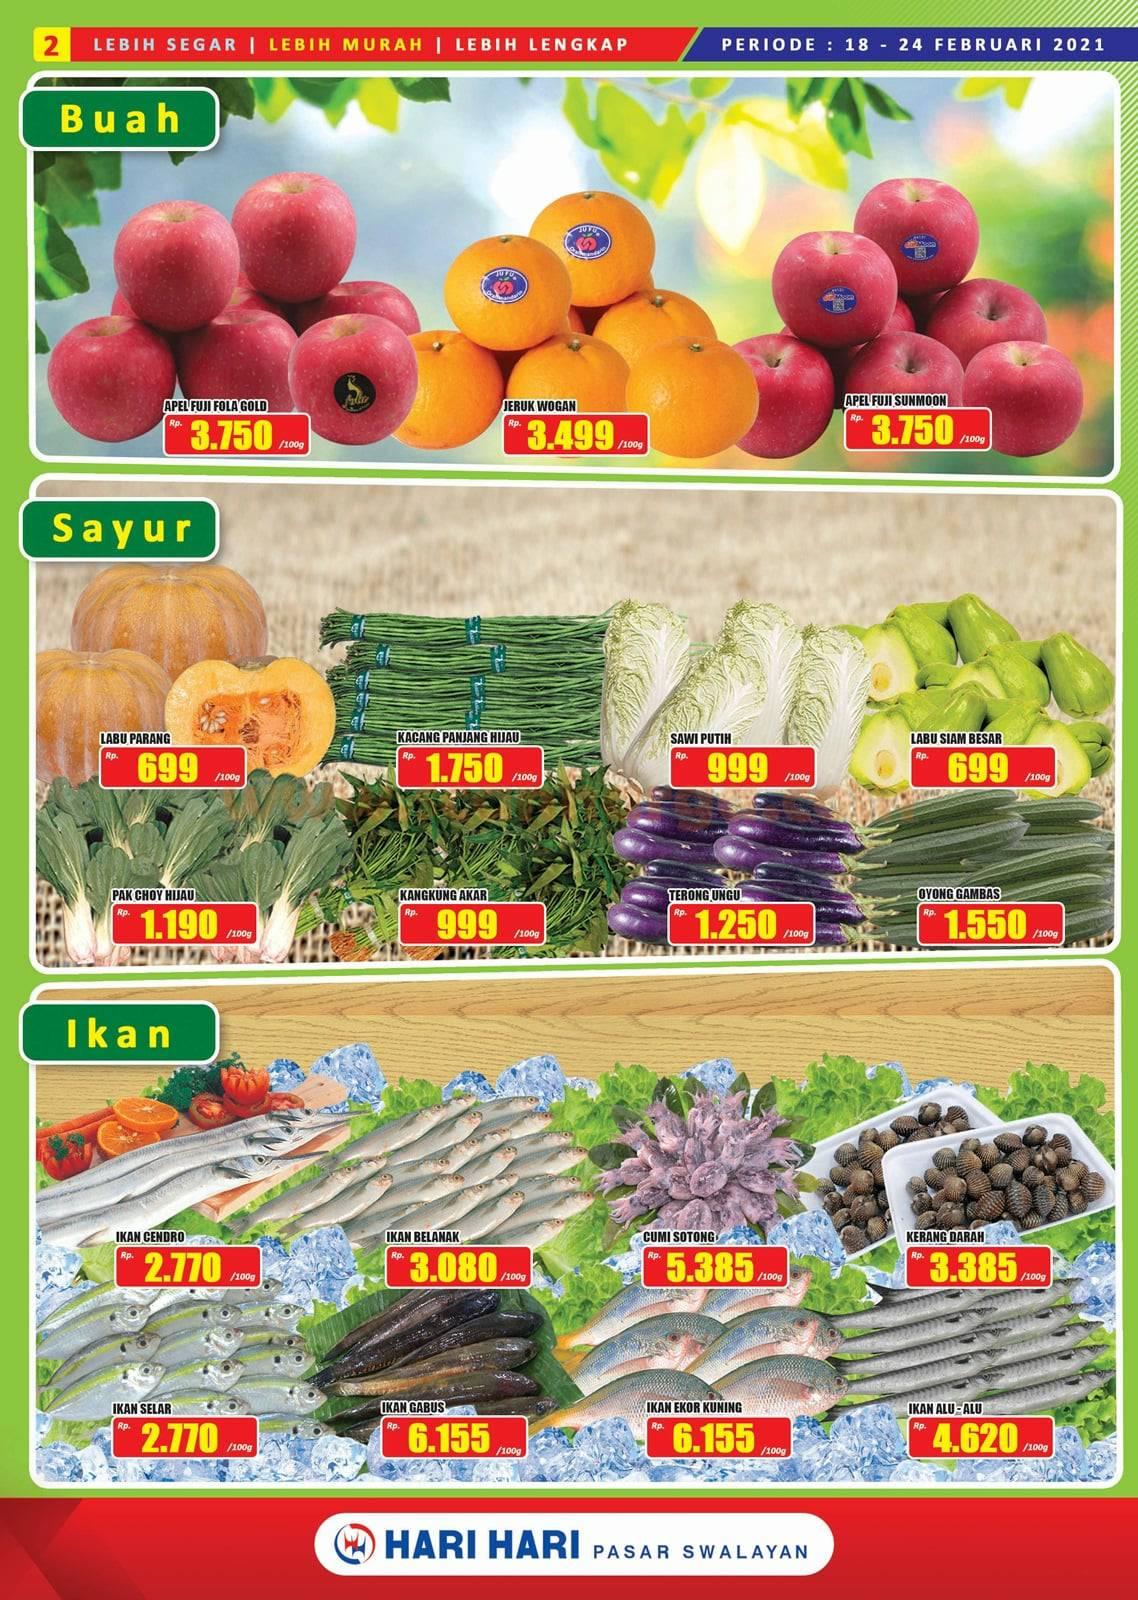 Katalog Promo Hari Hari Pasar Swalayan 18 Februari - 3 Maret 2021 2